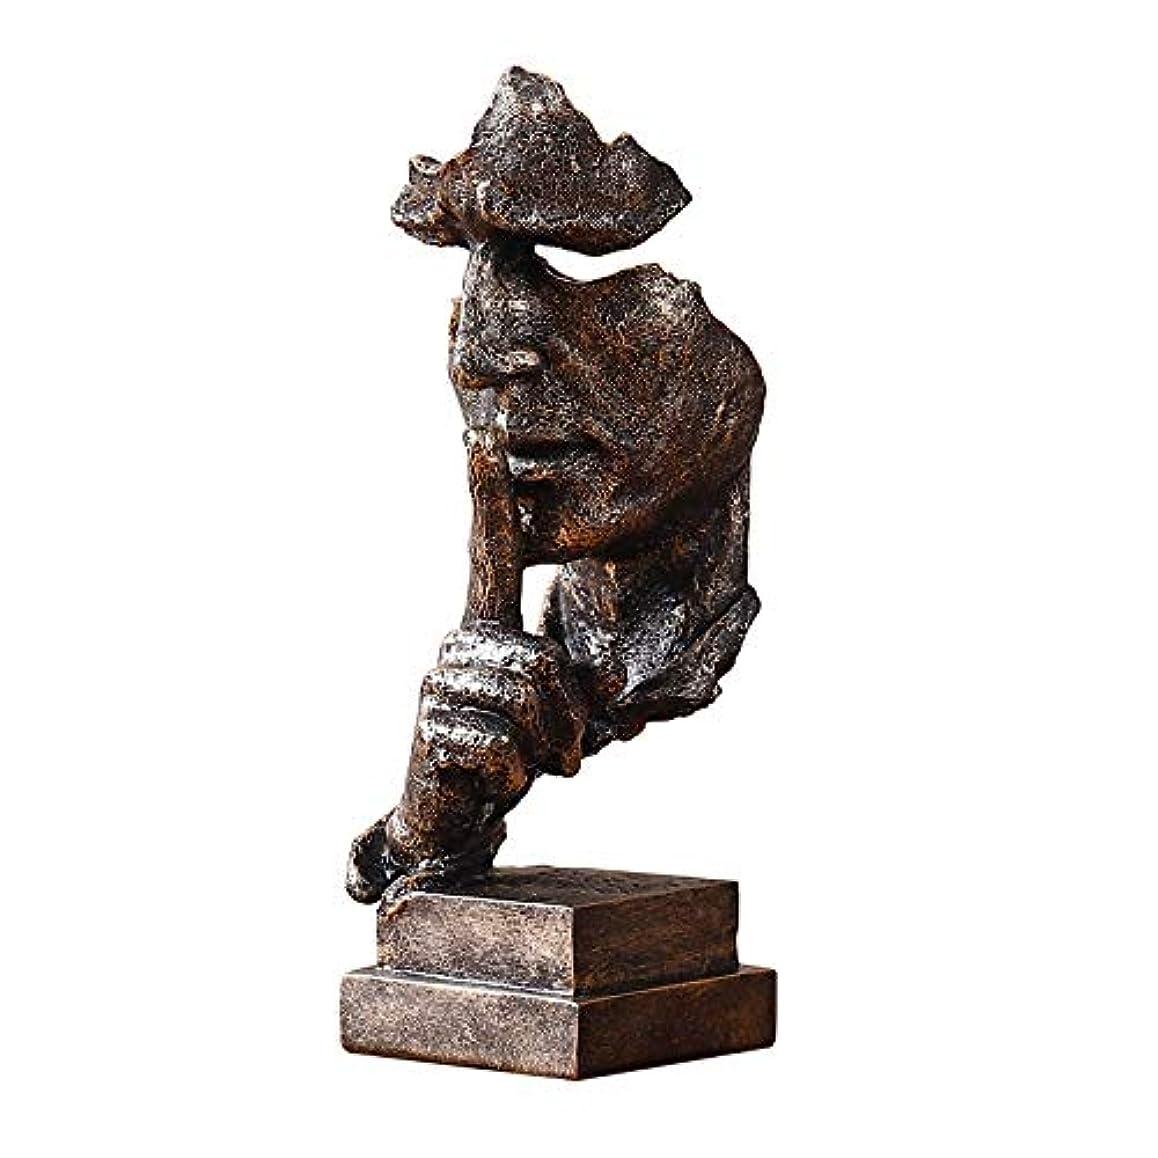 収まる自分自身とんでもない樹脂抽象彫刻沈黙はゴールデン男性像キャラクター工芸品装飾用オフィスリビングルームアートワーク,Bronze